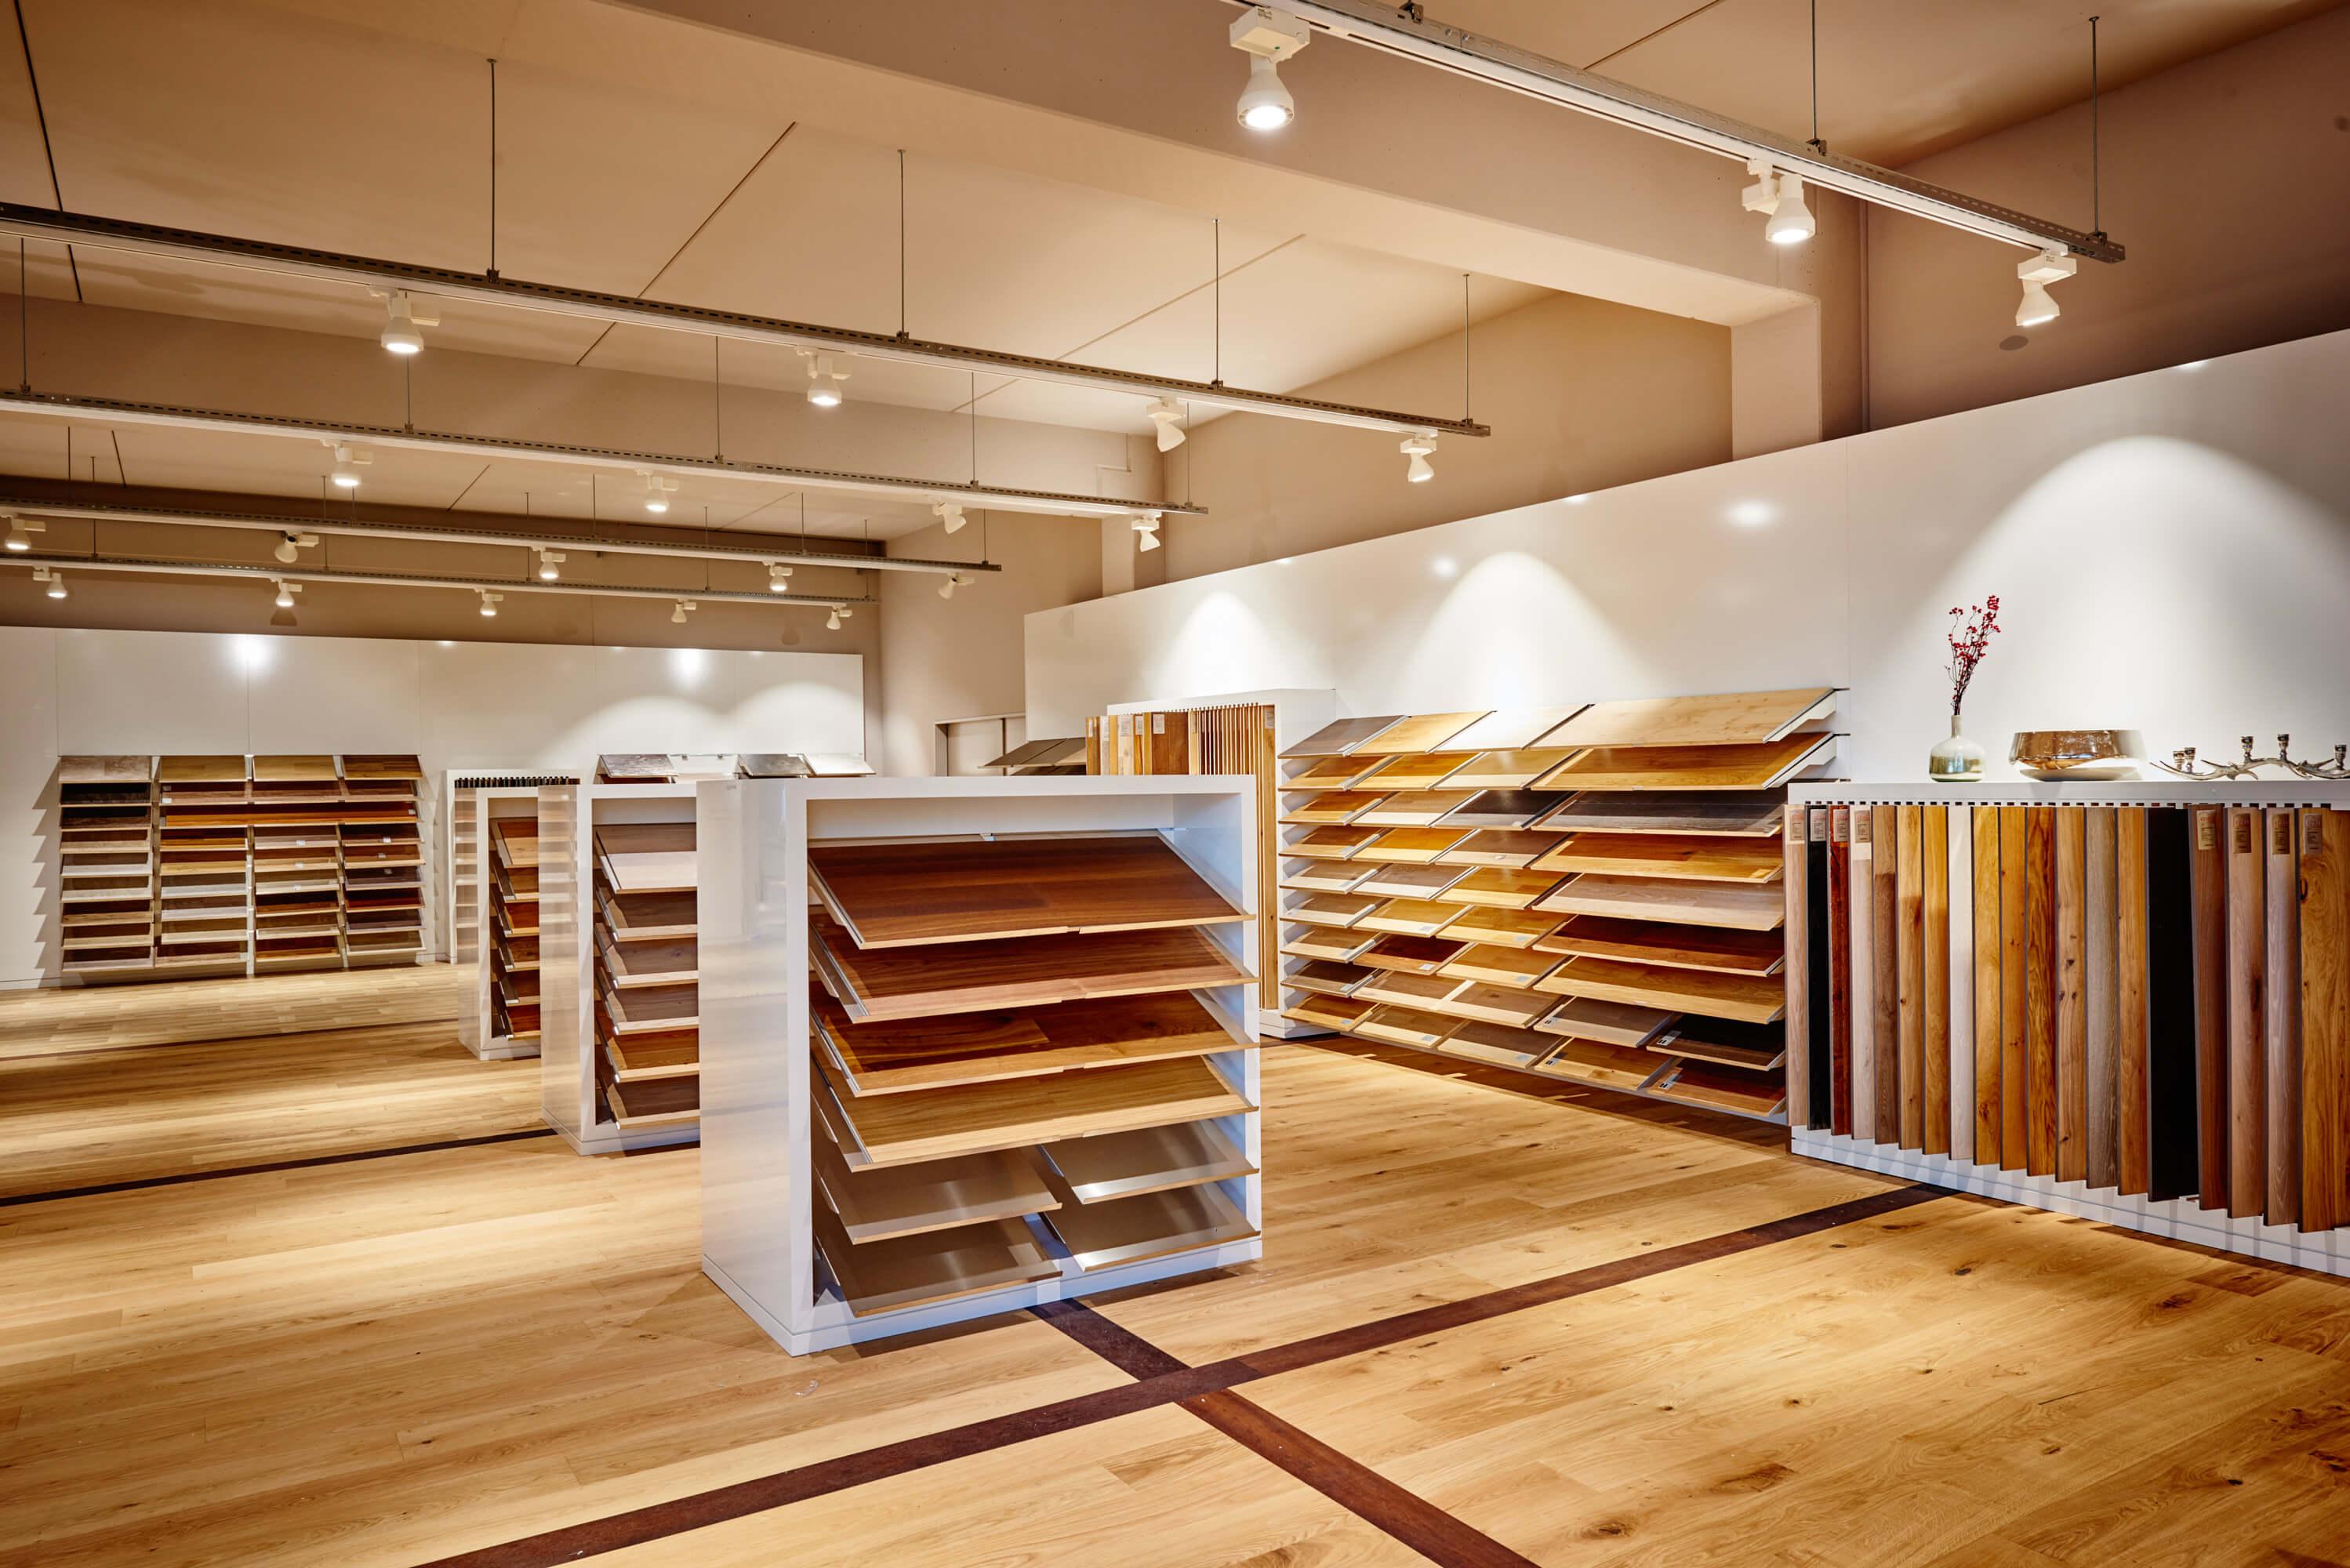 gemutliches zuhause dielenboden, bodenbeläge - keyser - das haus für ihr zuhause, Design ideen